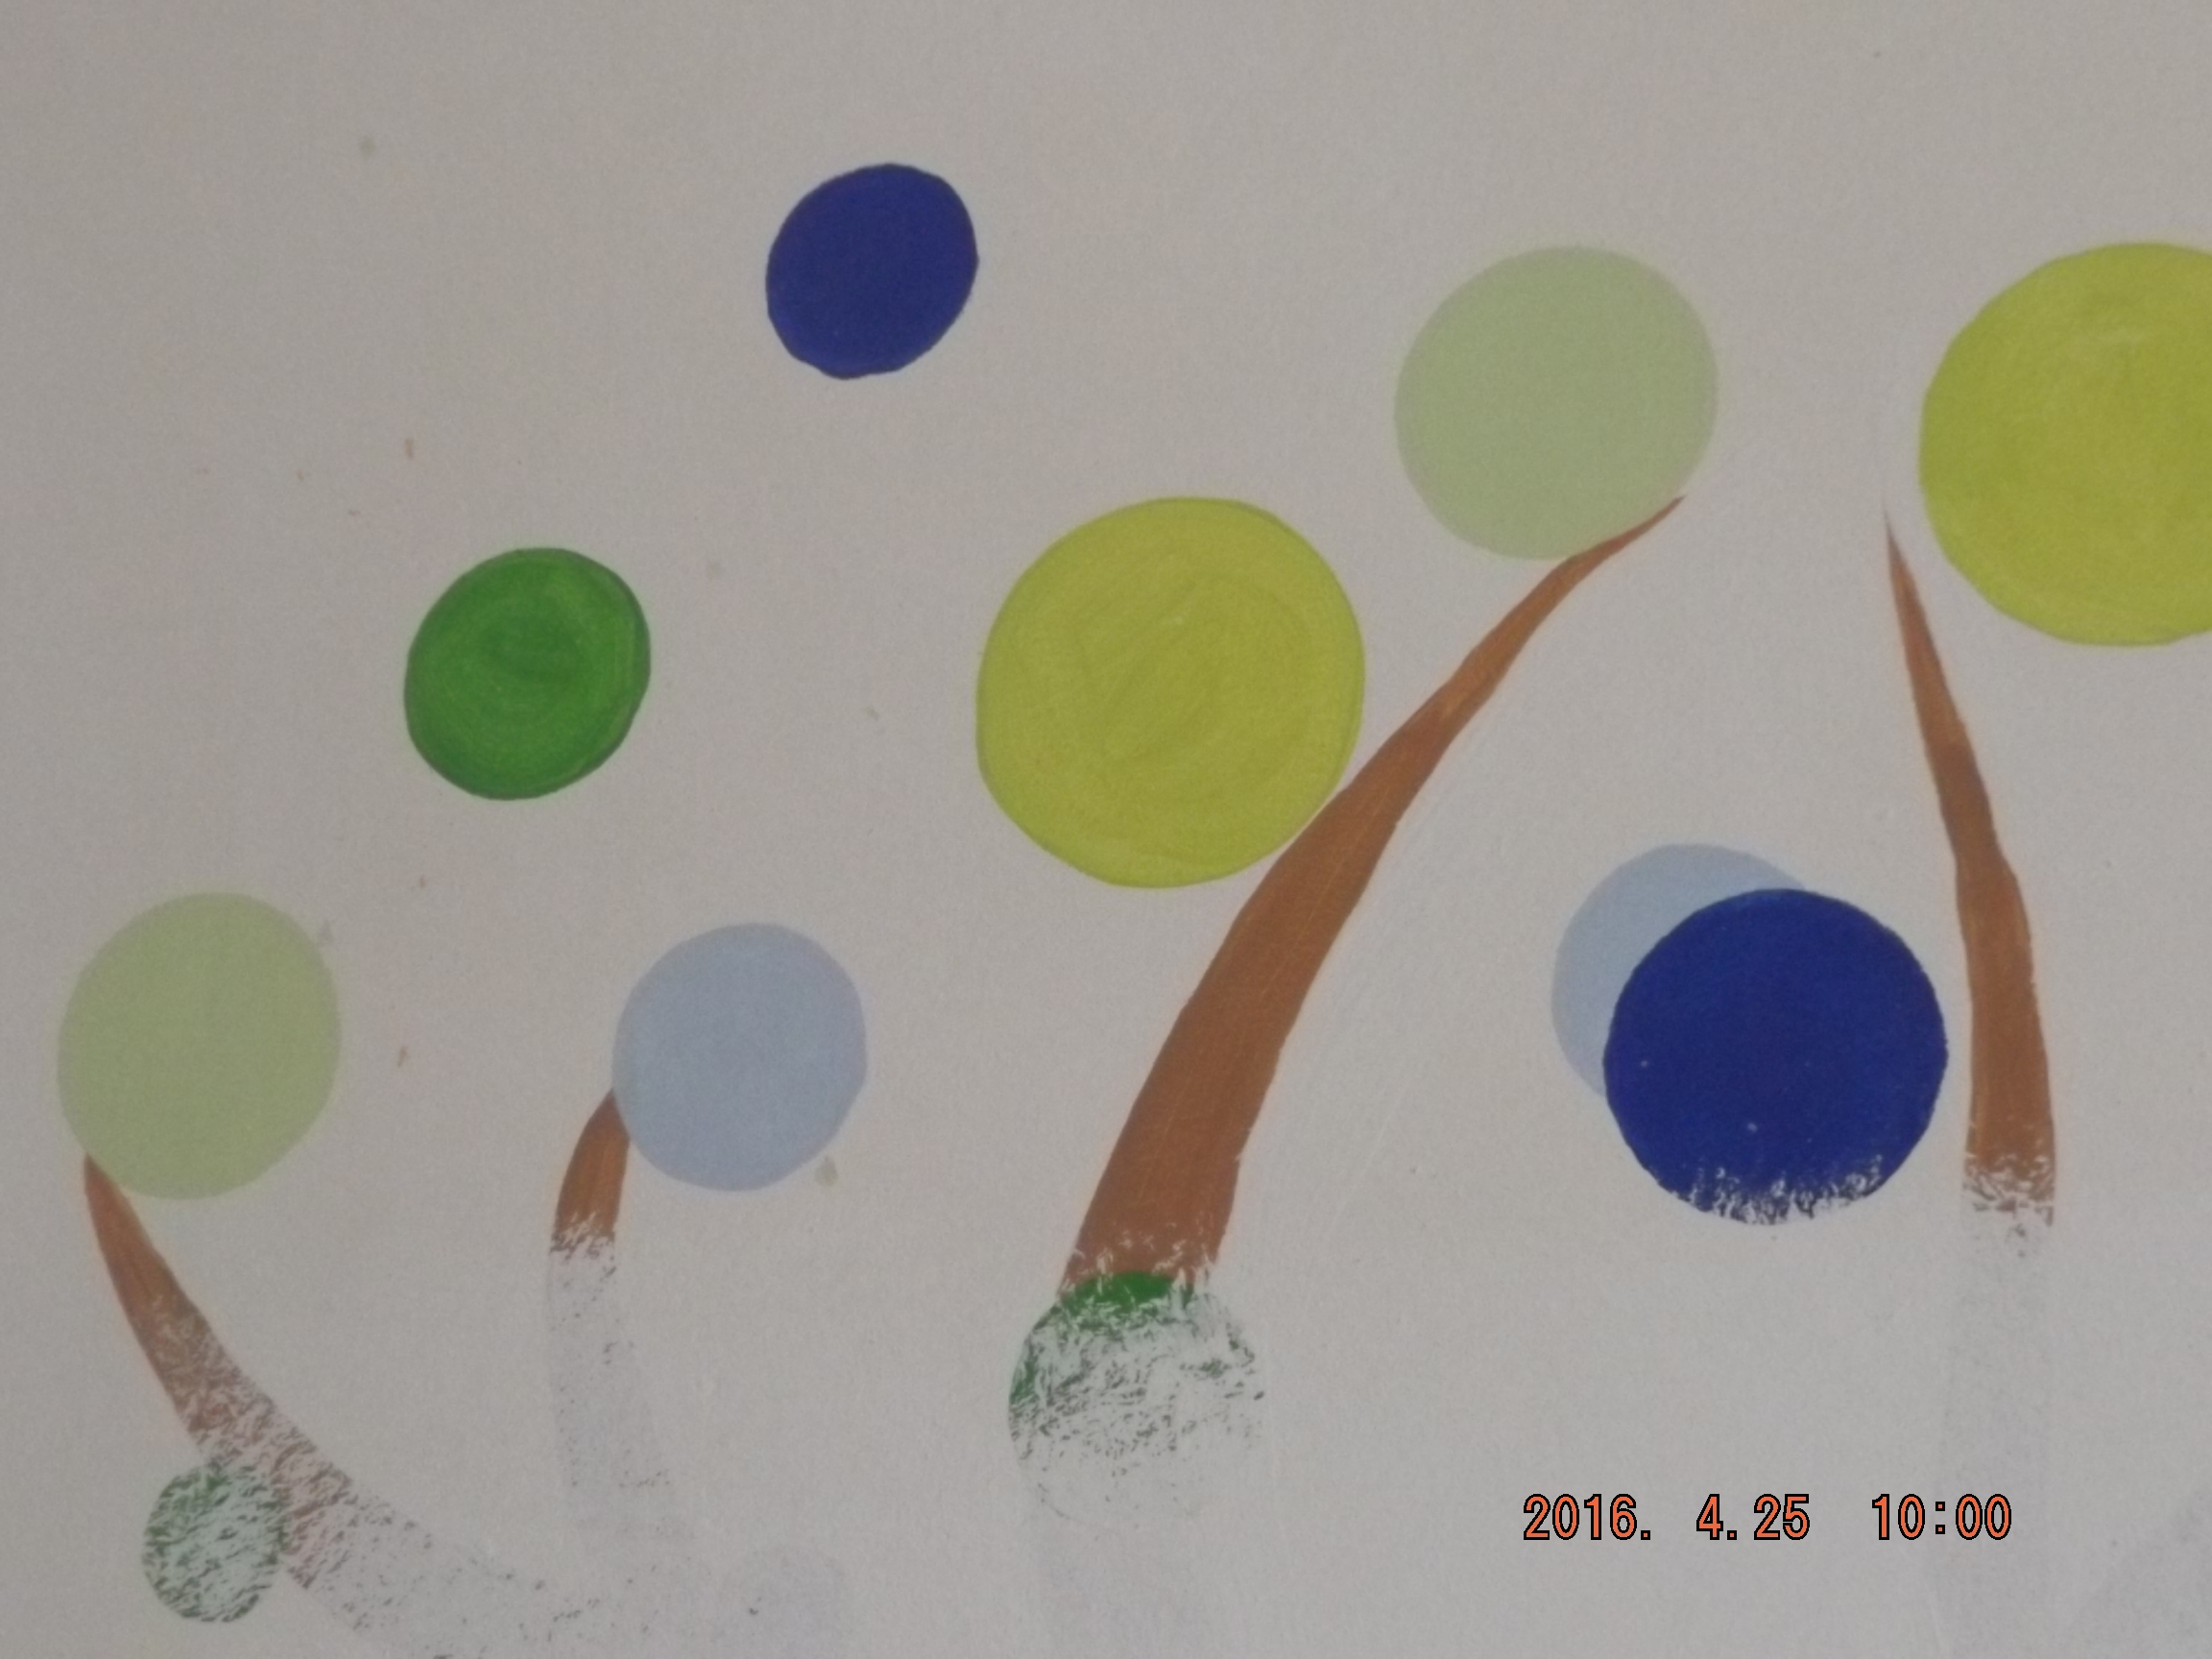 Probleme mit wohnung streichen farben von vormieter for Farben wohnung streichen